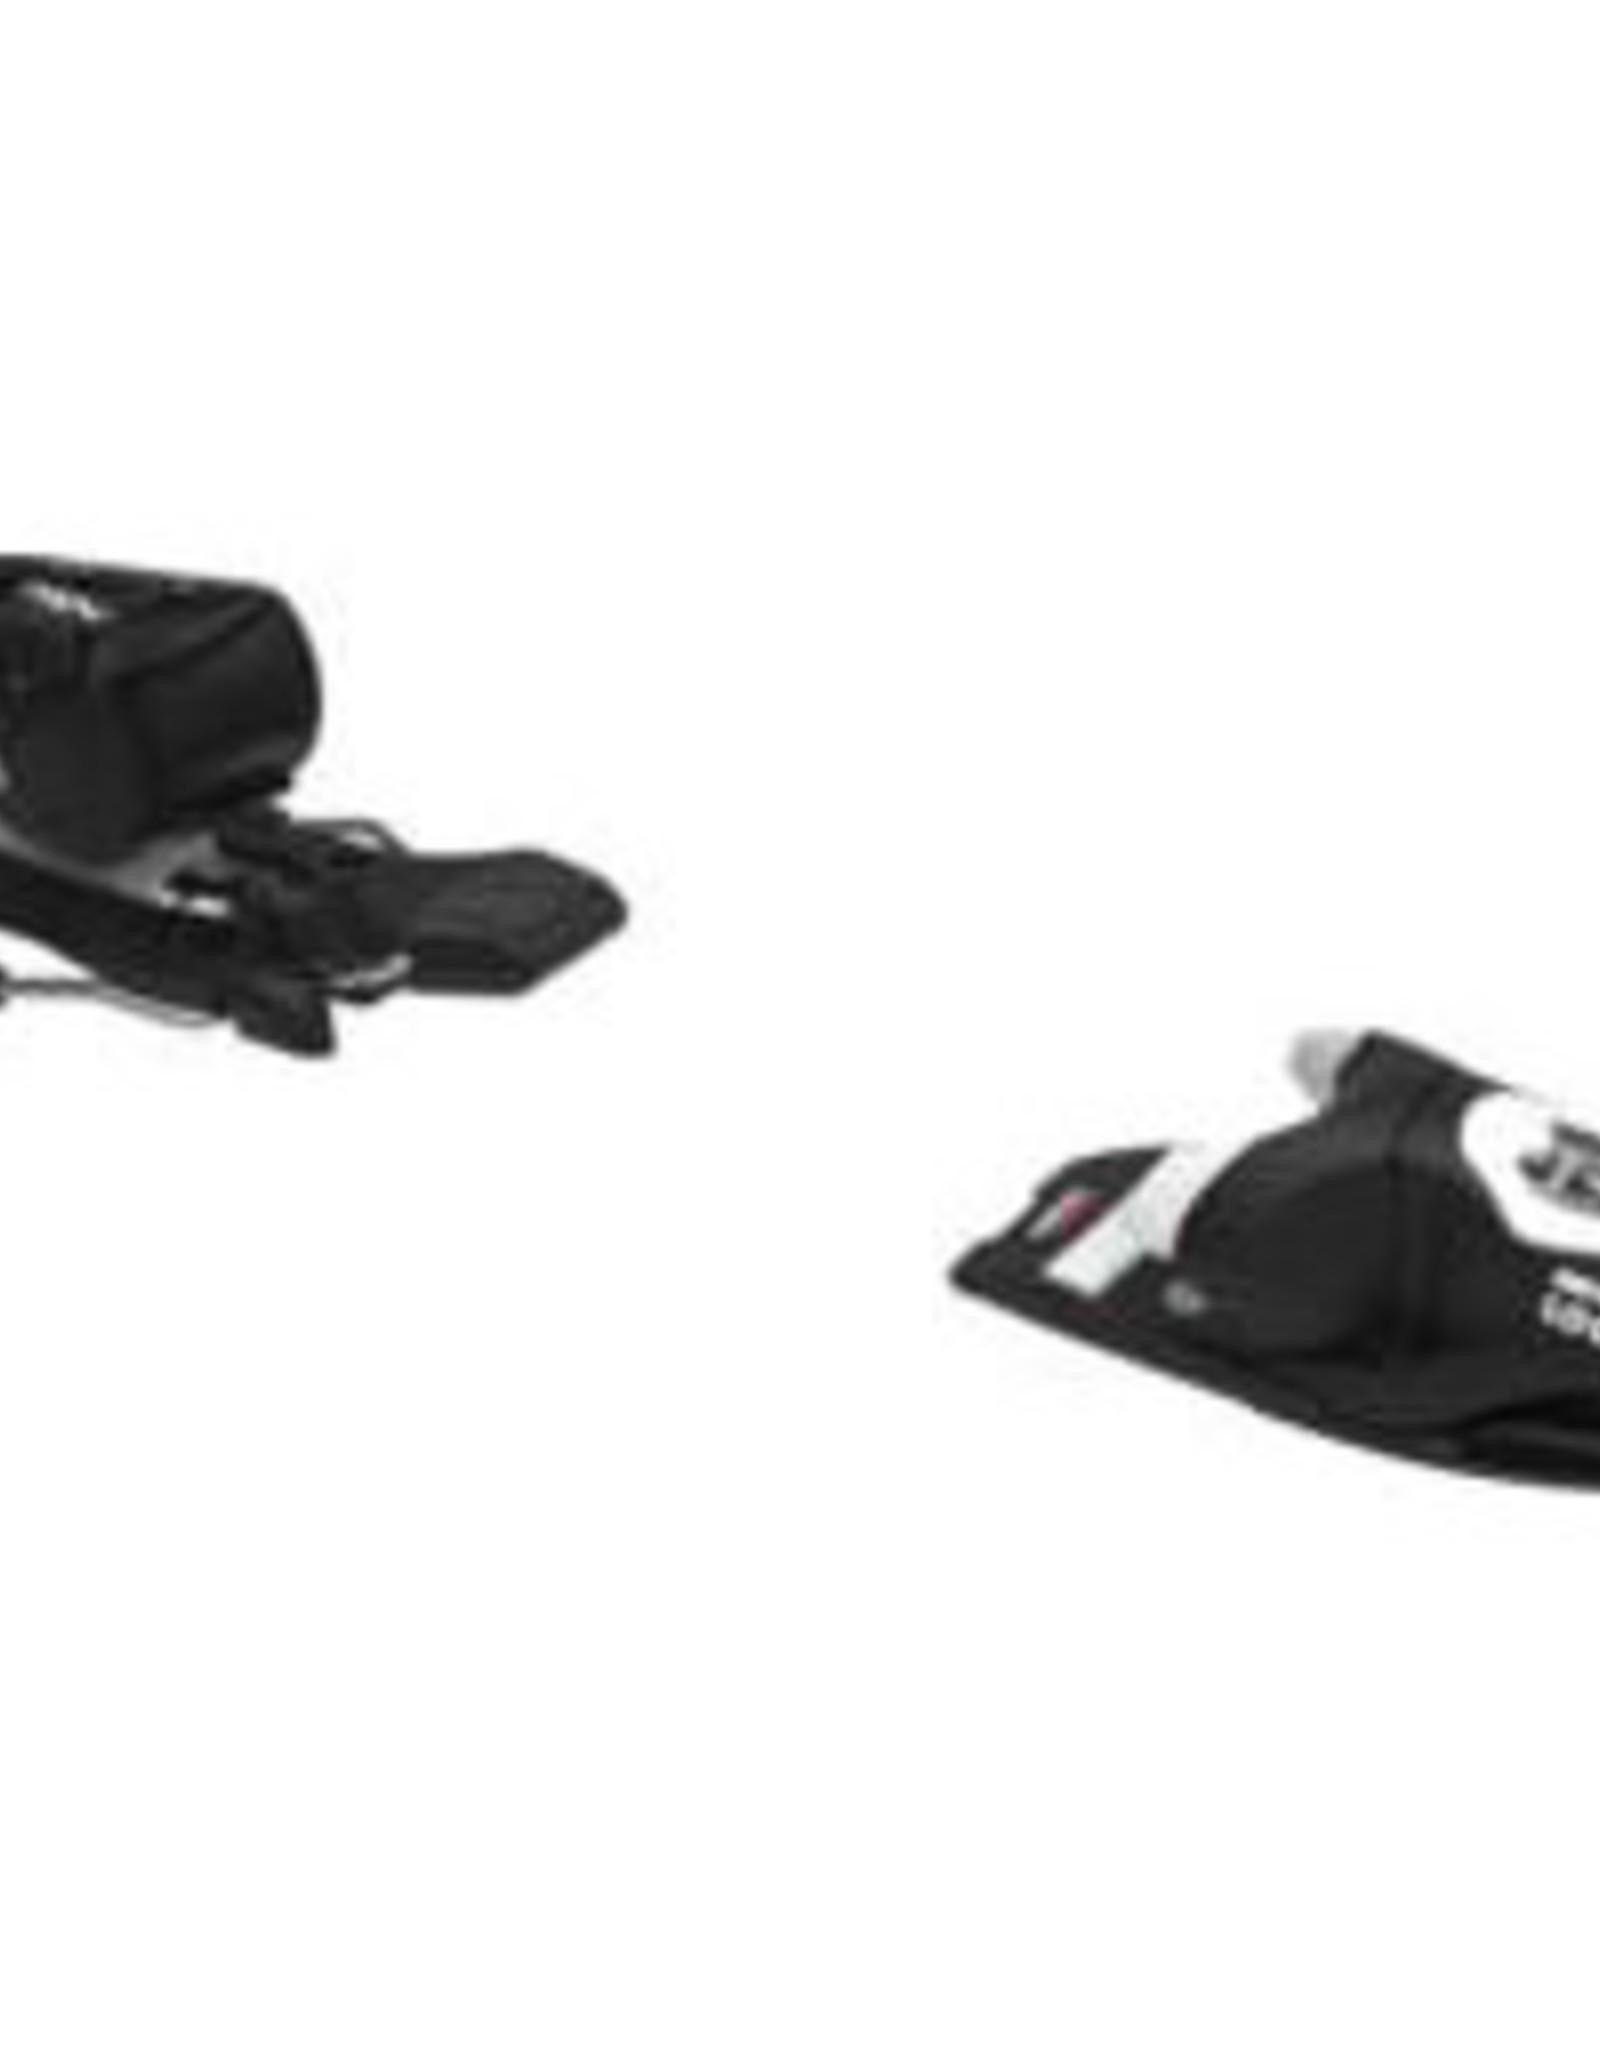 NX 10 GW B83 BLACK/WHITE 0TU